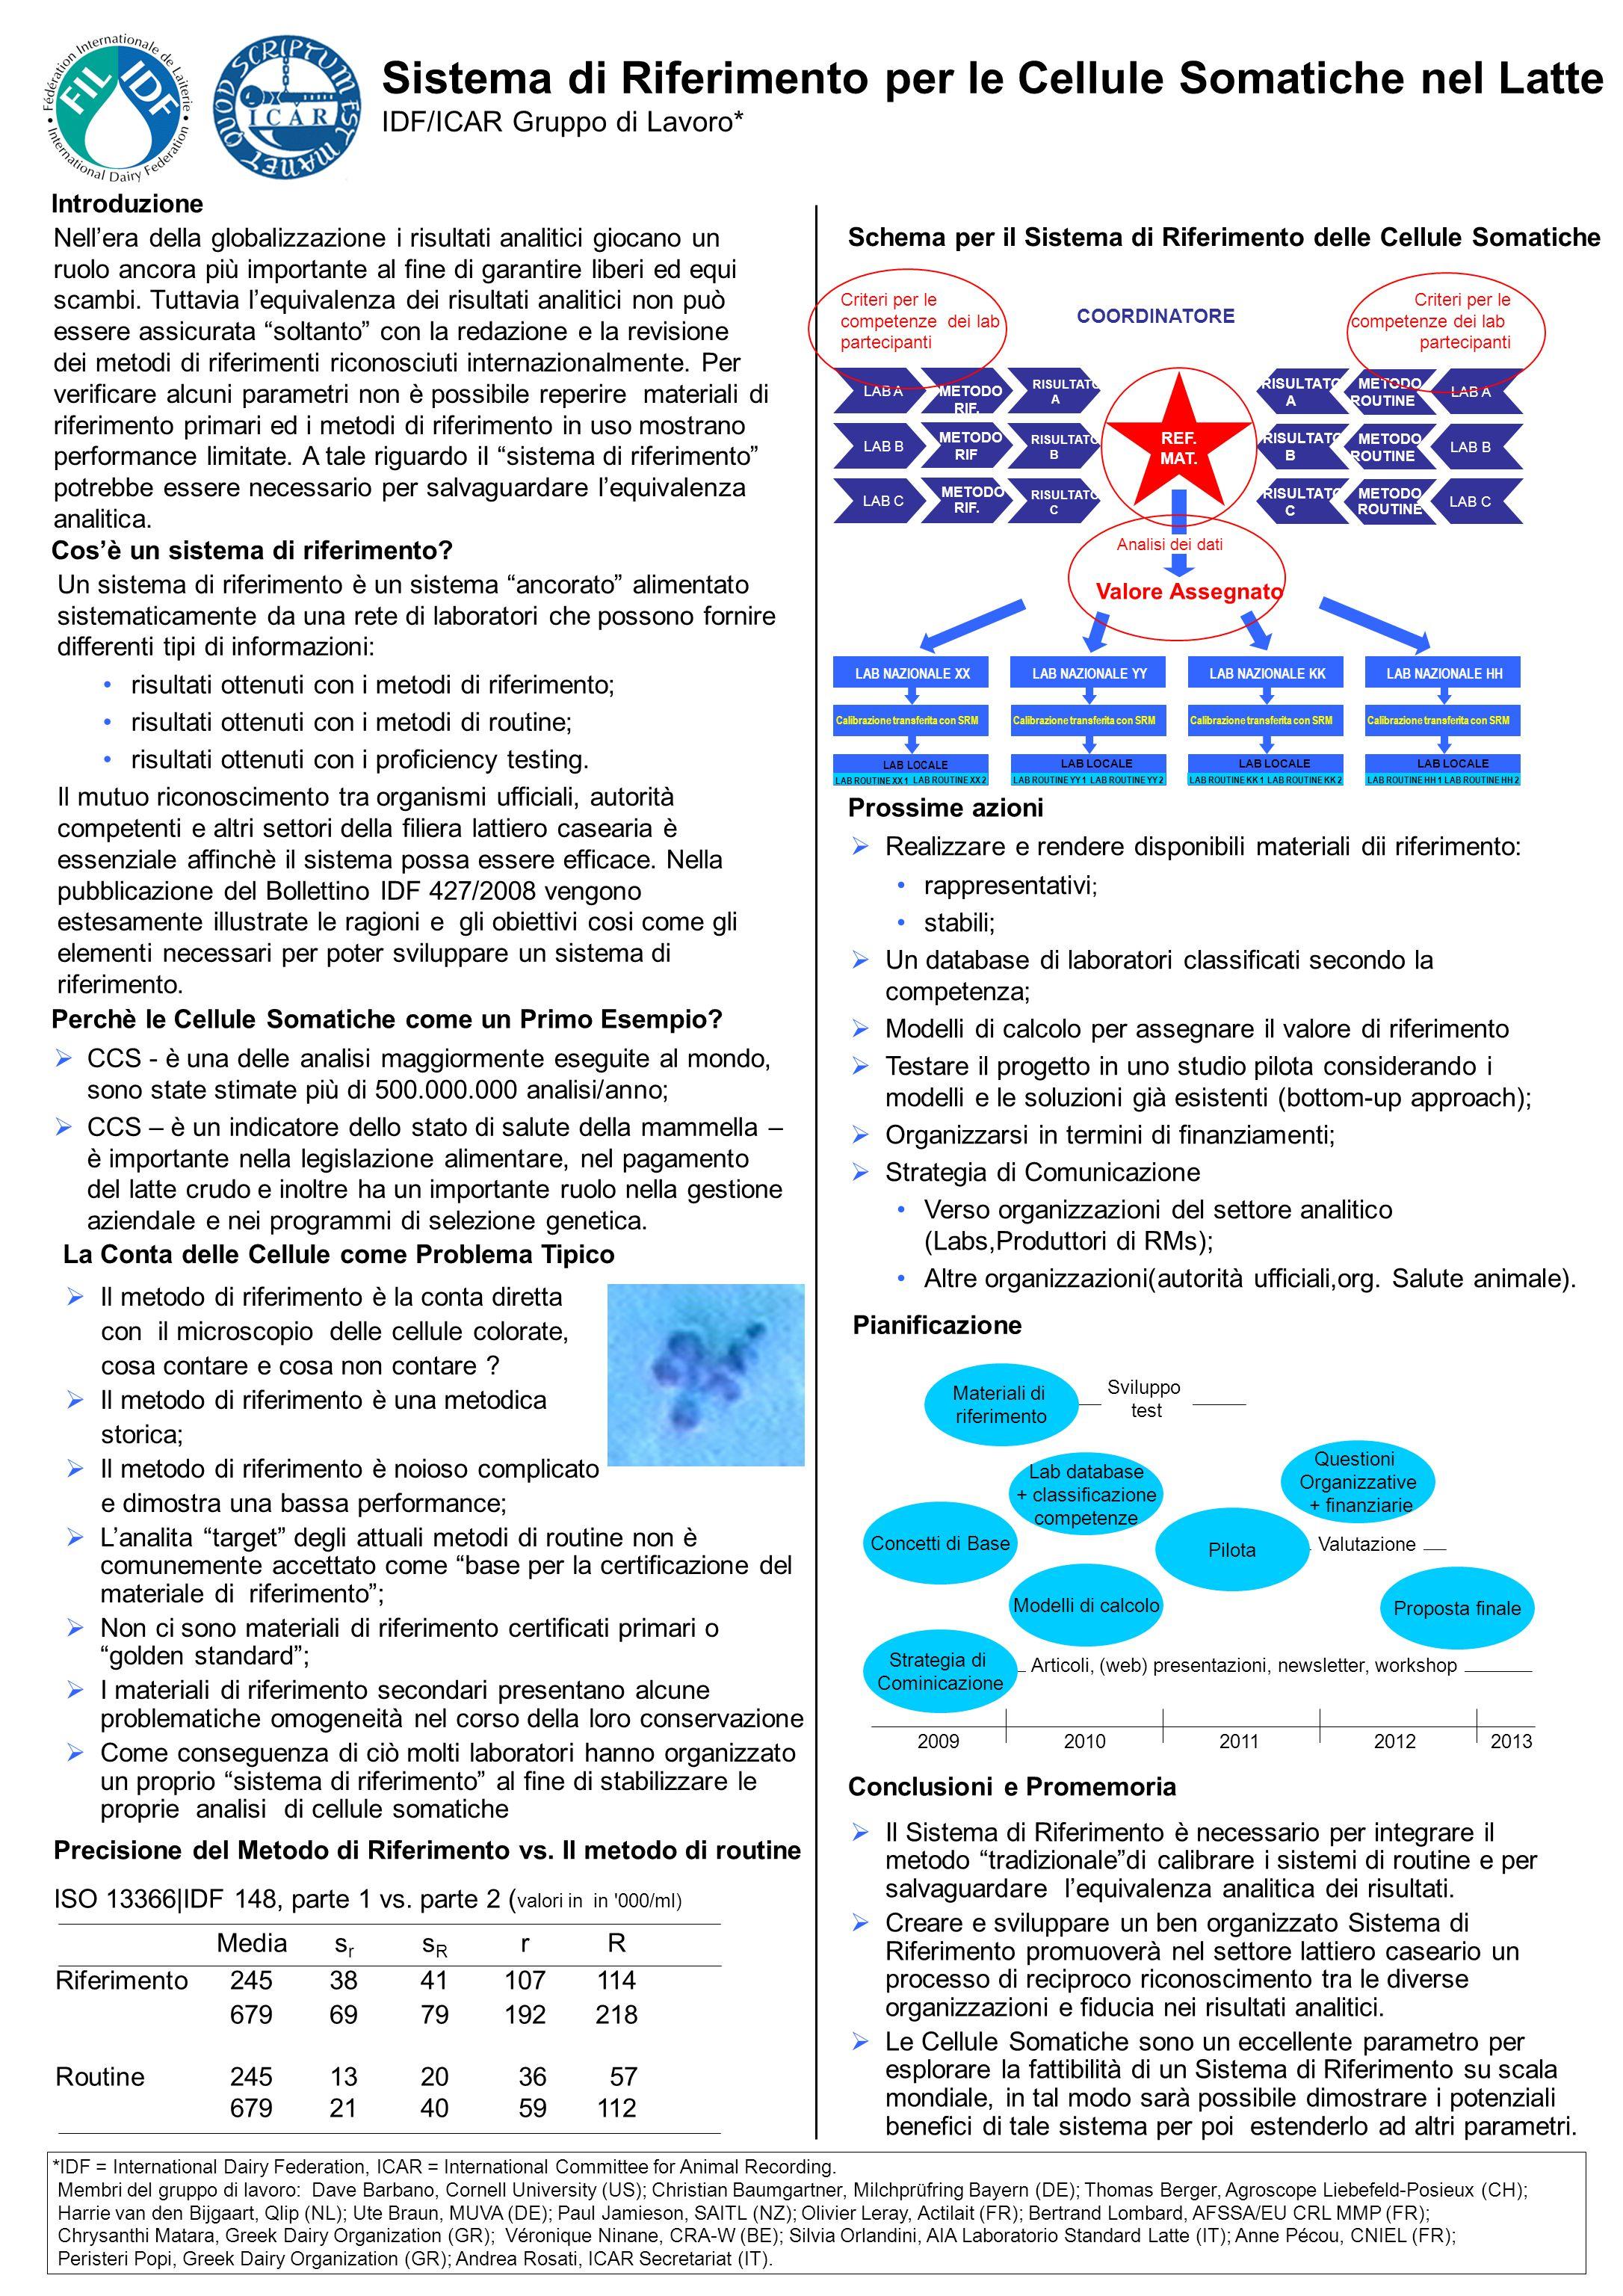 Sistema di Riferimento per le Cellule Somatiche nel Latte IDF/ICAR Gruppo di Lavoro* Il Sistema di Riferimento è necessario per integrare il metodo tr